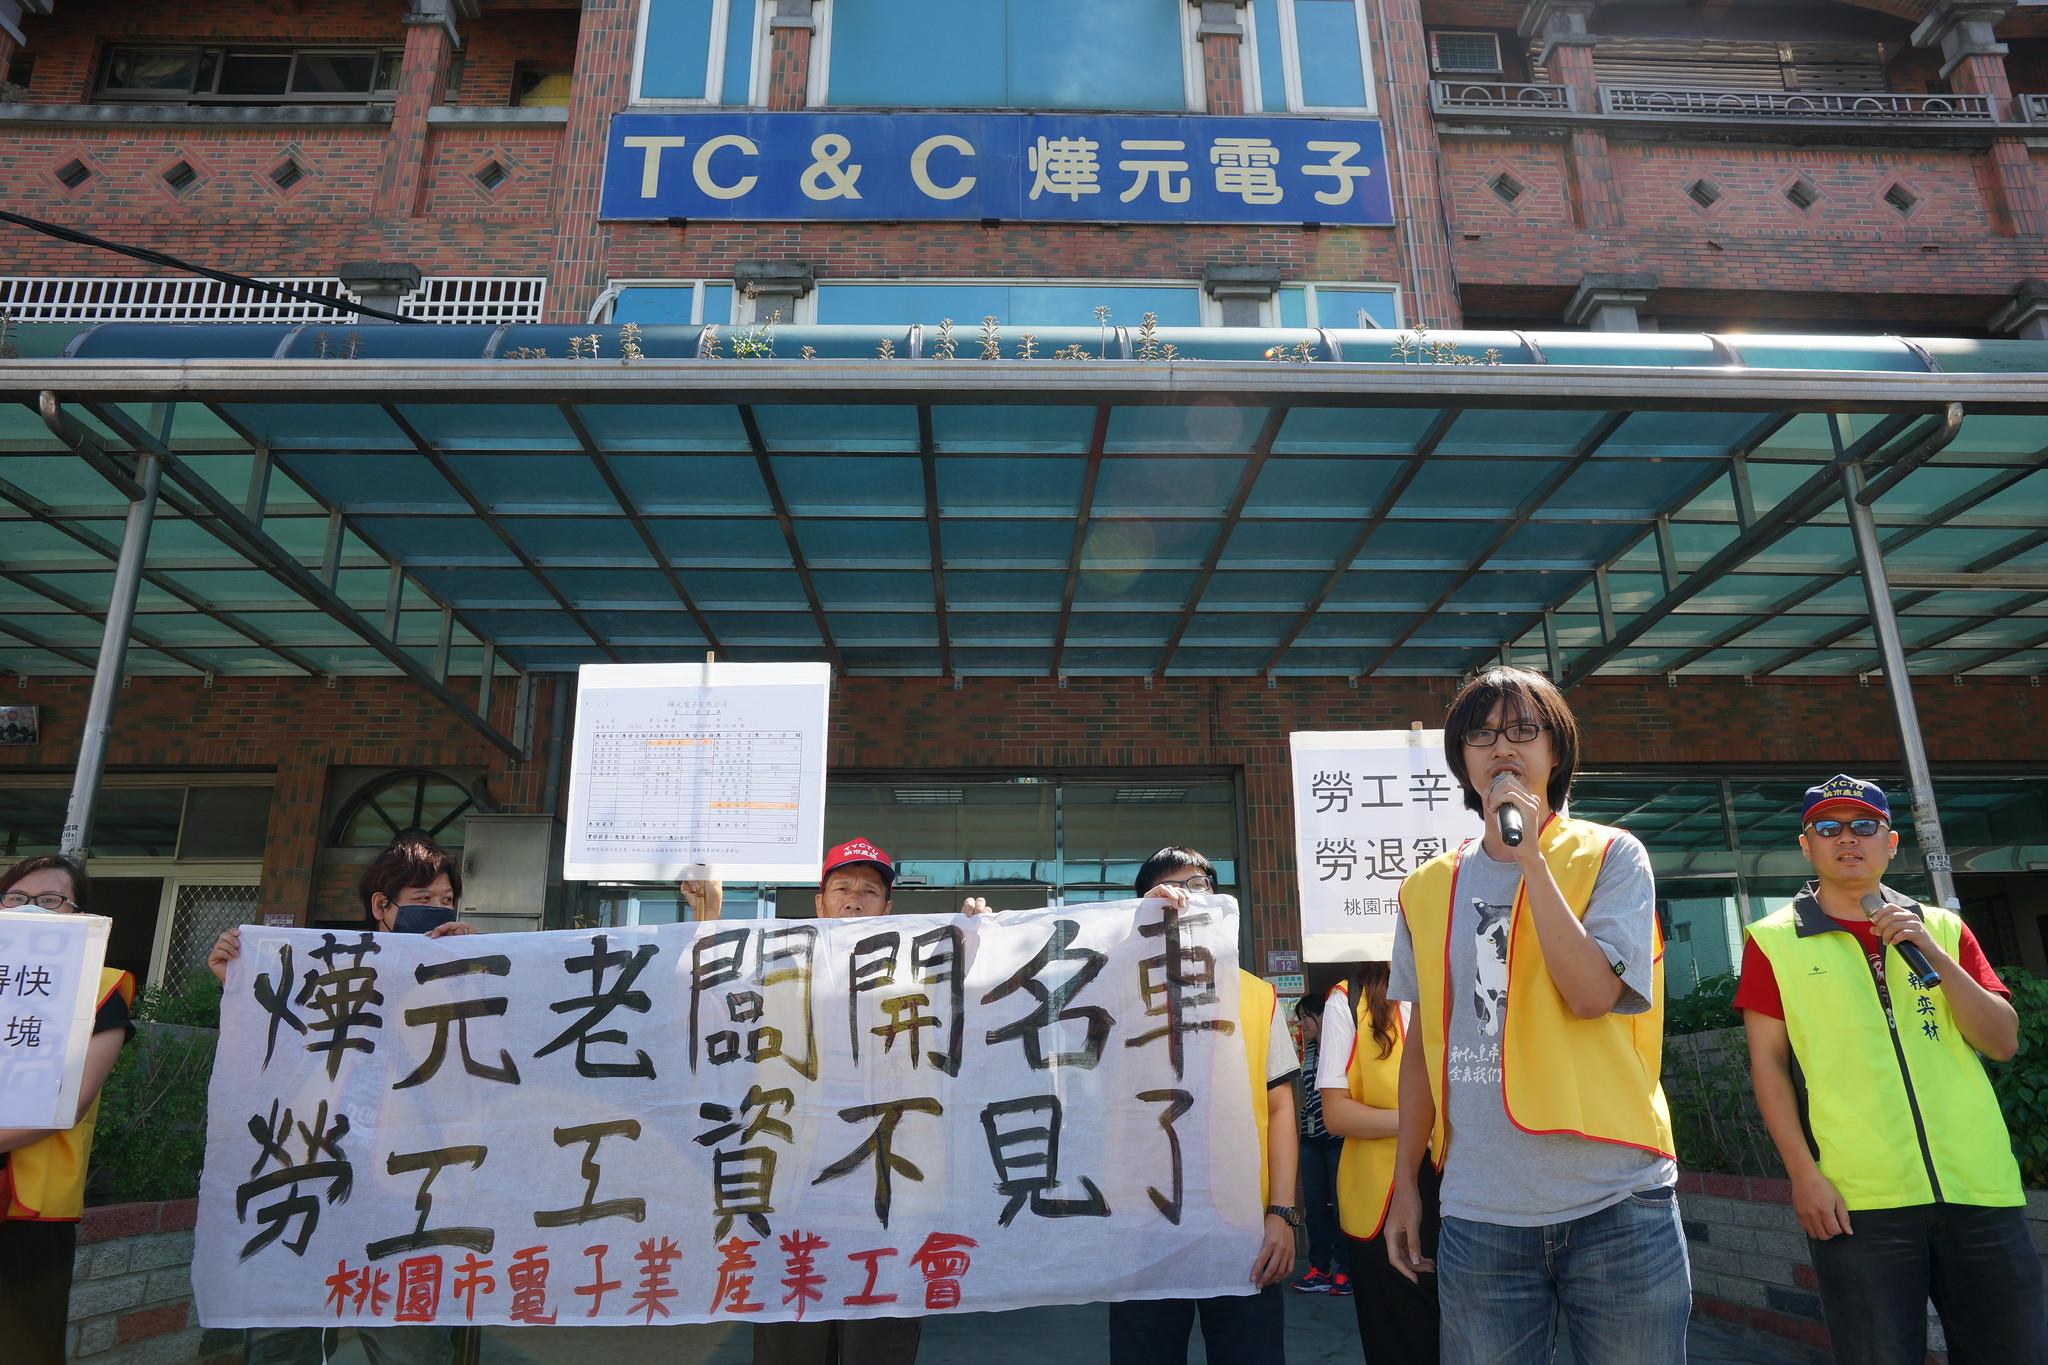 燁元電子員工痛批公司高薪低報、加班費短發違反《勞基法》。(攝影:王顥中)